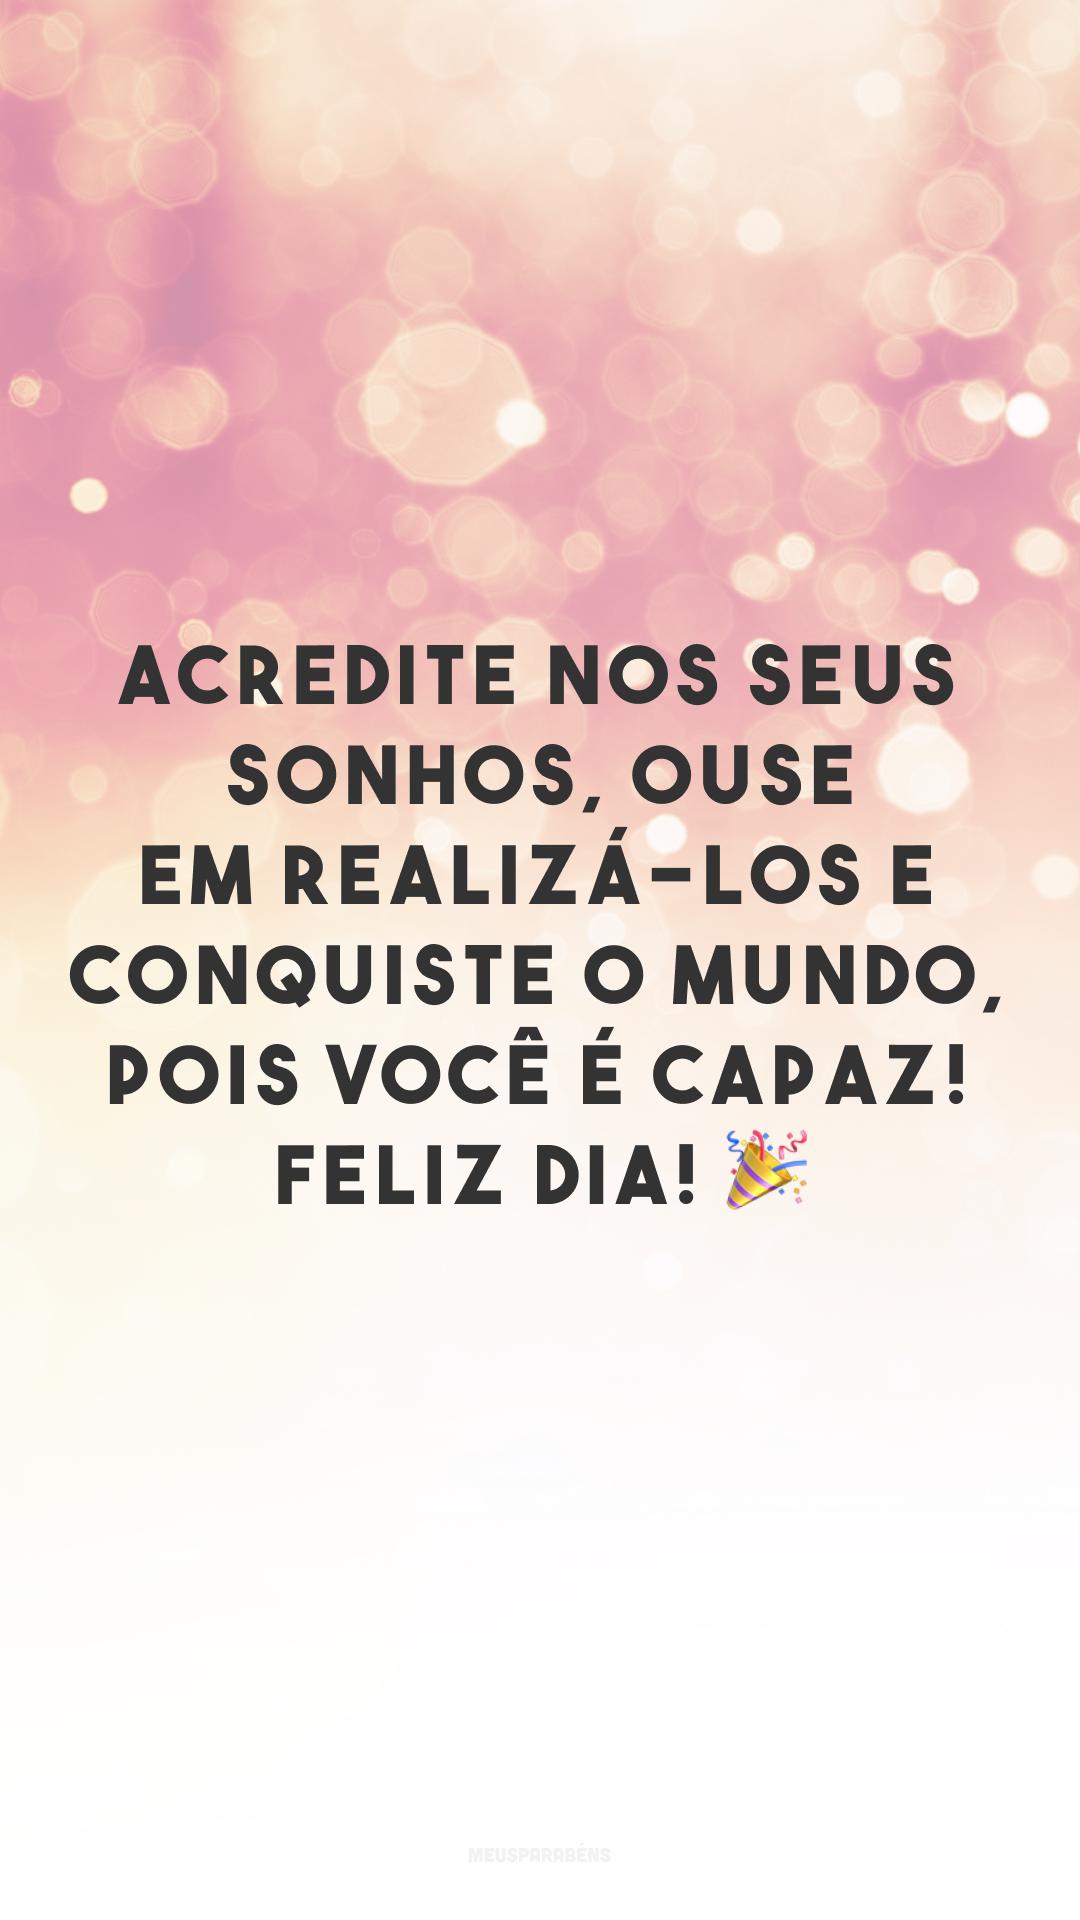 Acredite nos seus sonhos, ouse em realizá-los e conquiste o mundo, pois você é capaz! Feliz dia! 🎉